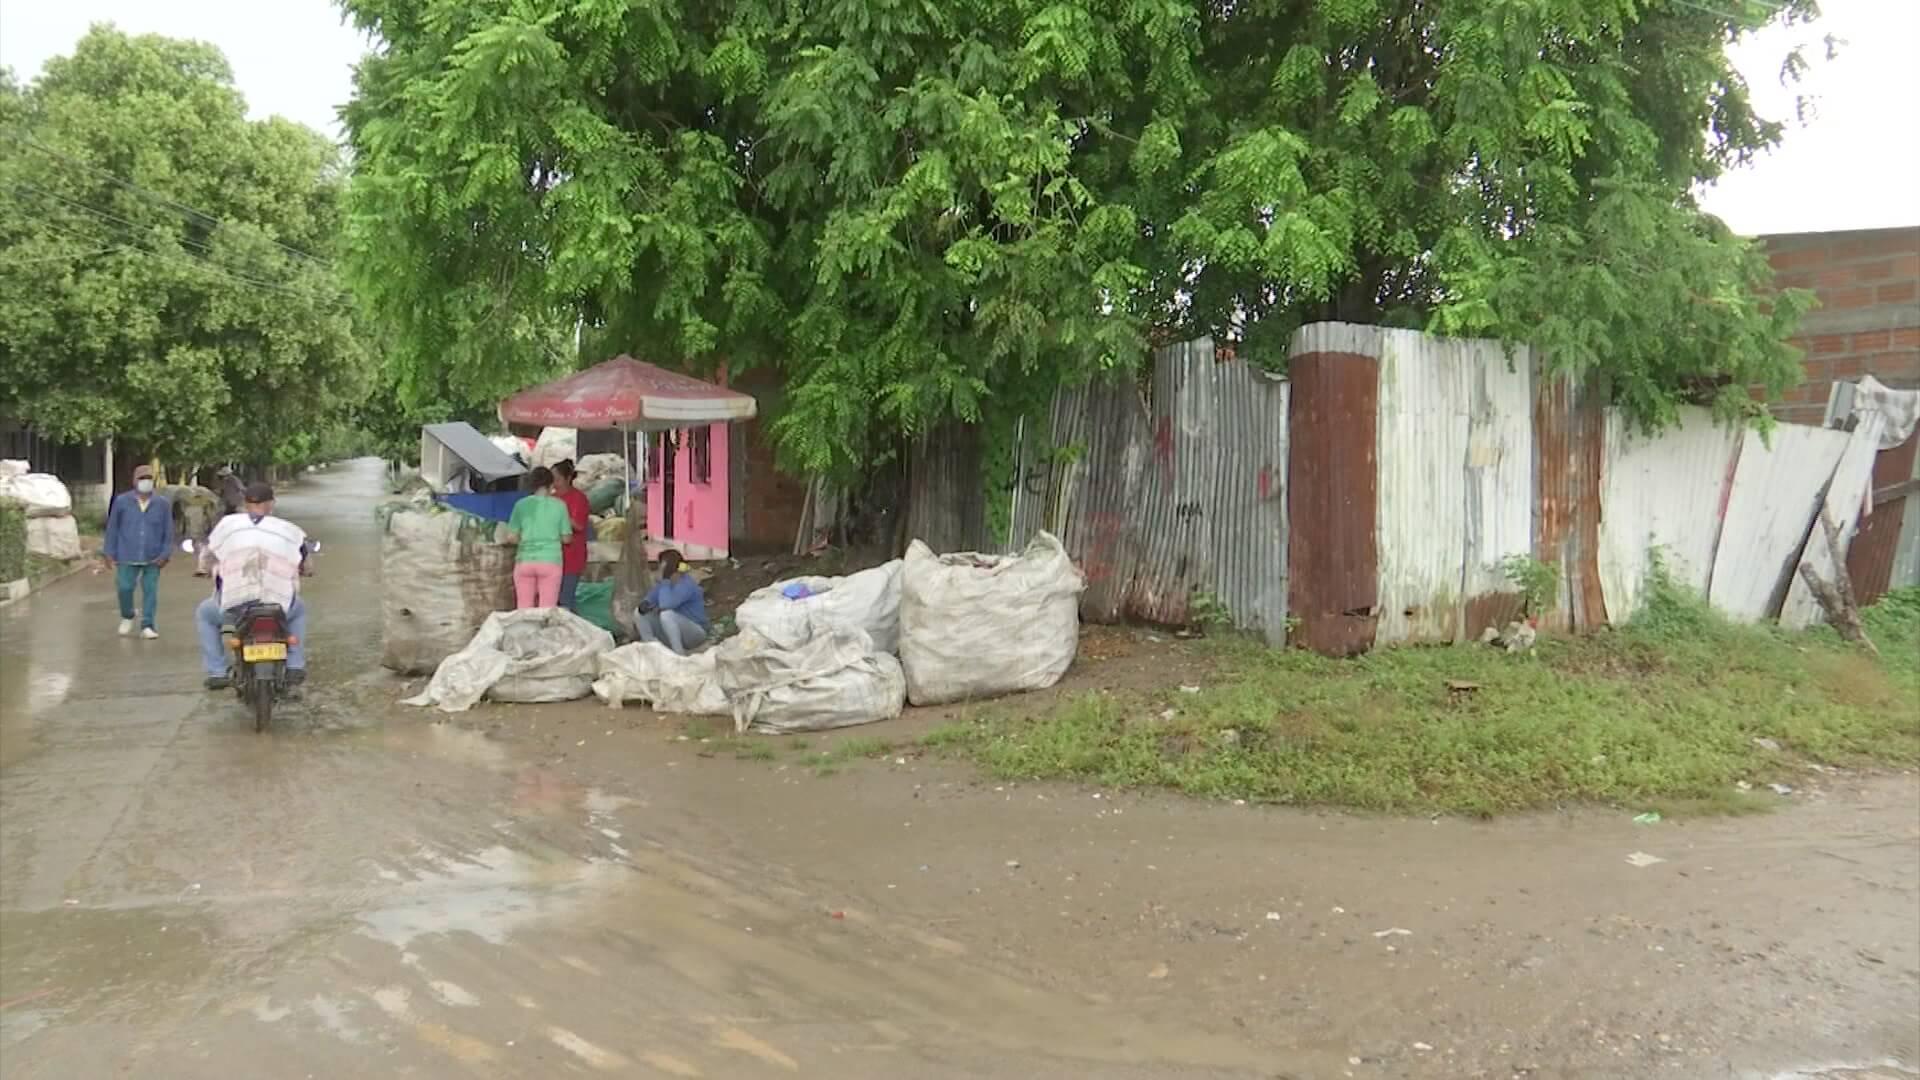 Cinco municipios afectados por el rigor de las lluvias